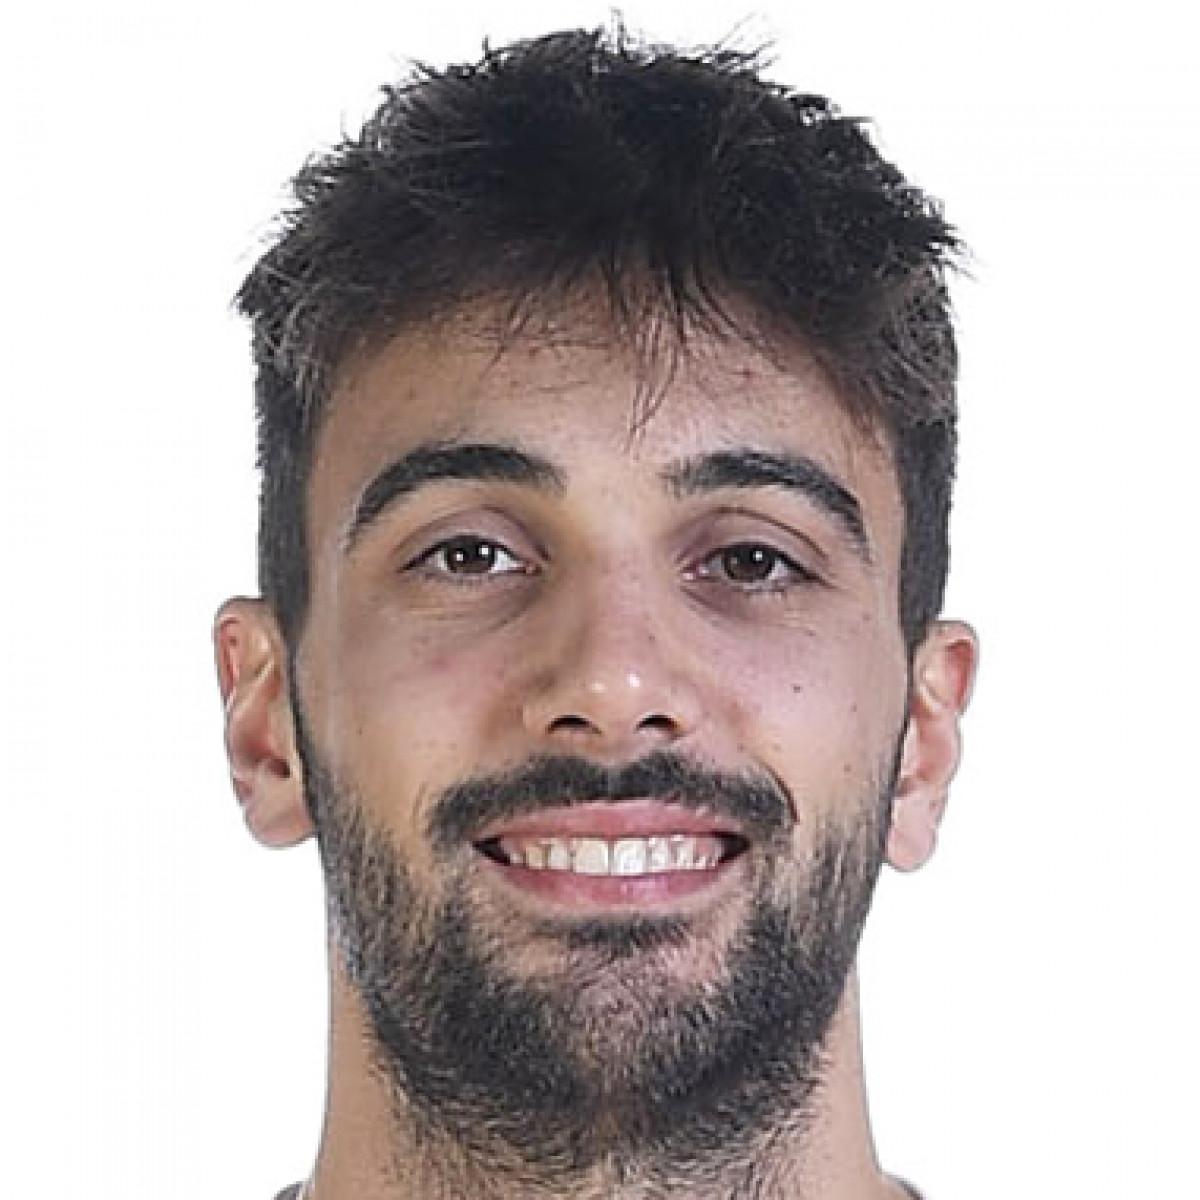 Matteo Tambone